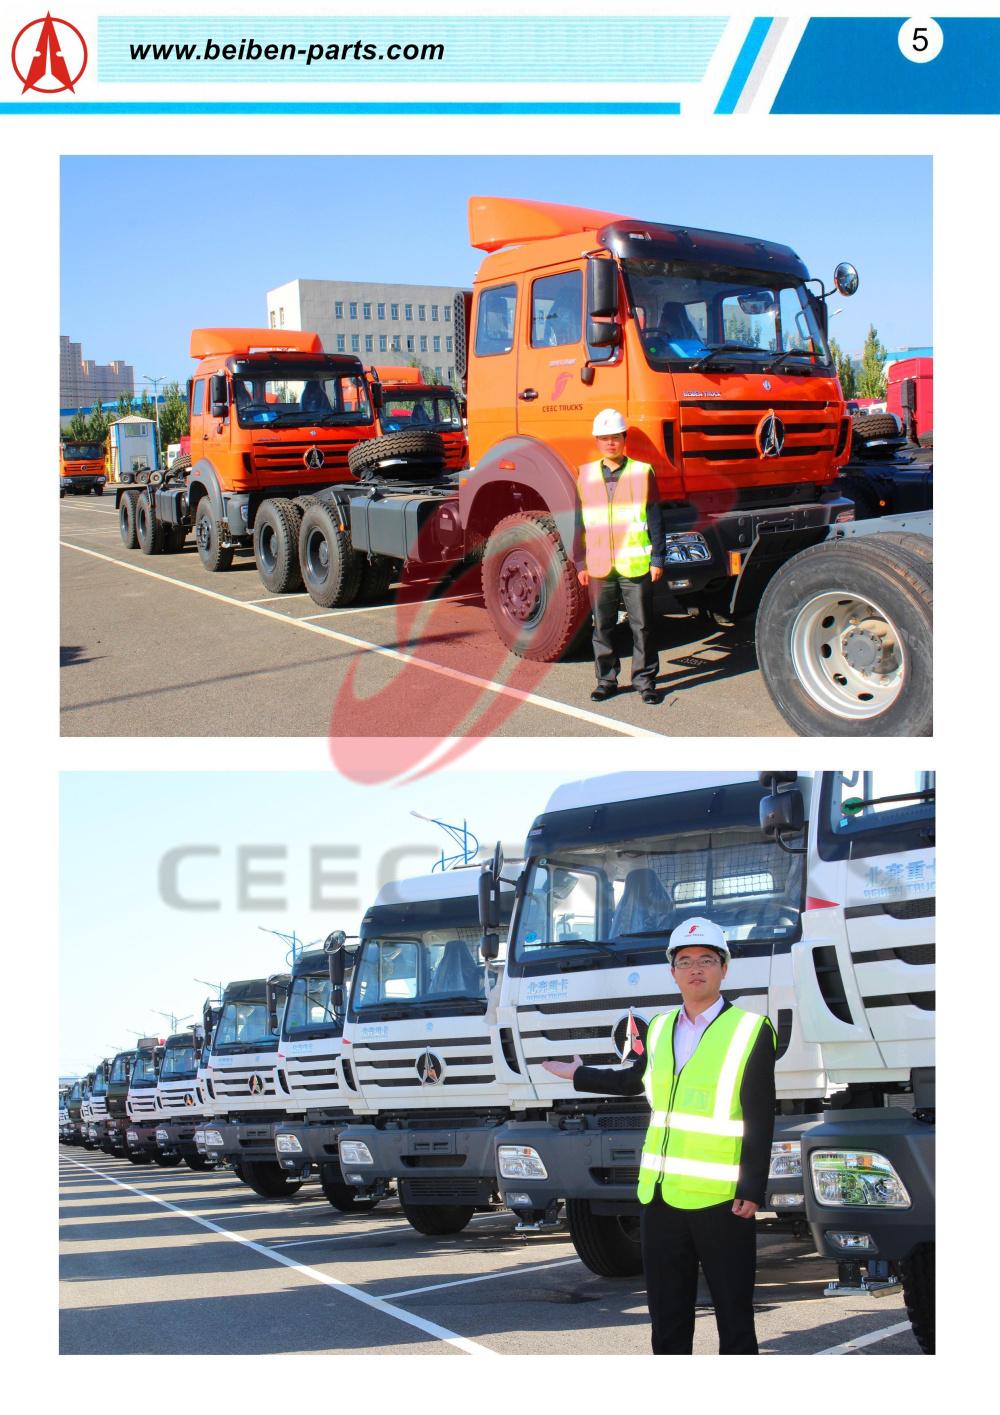 Genuine Beiben truck parts, Beiben Tractor trucks, Beiben